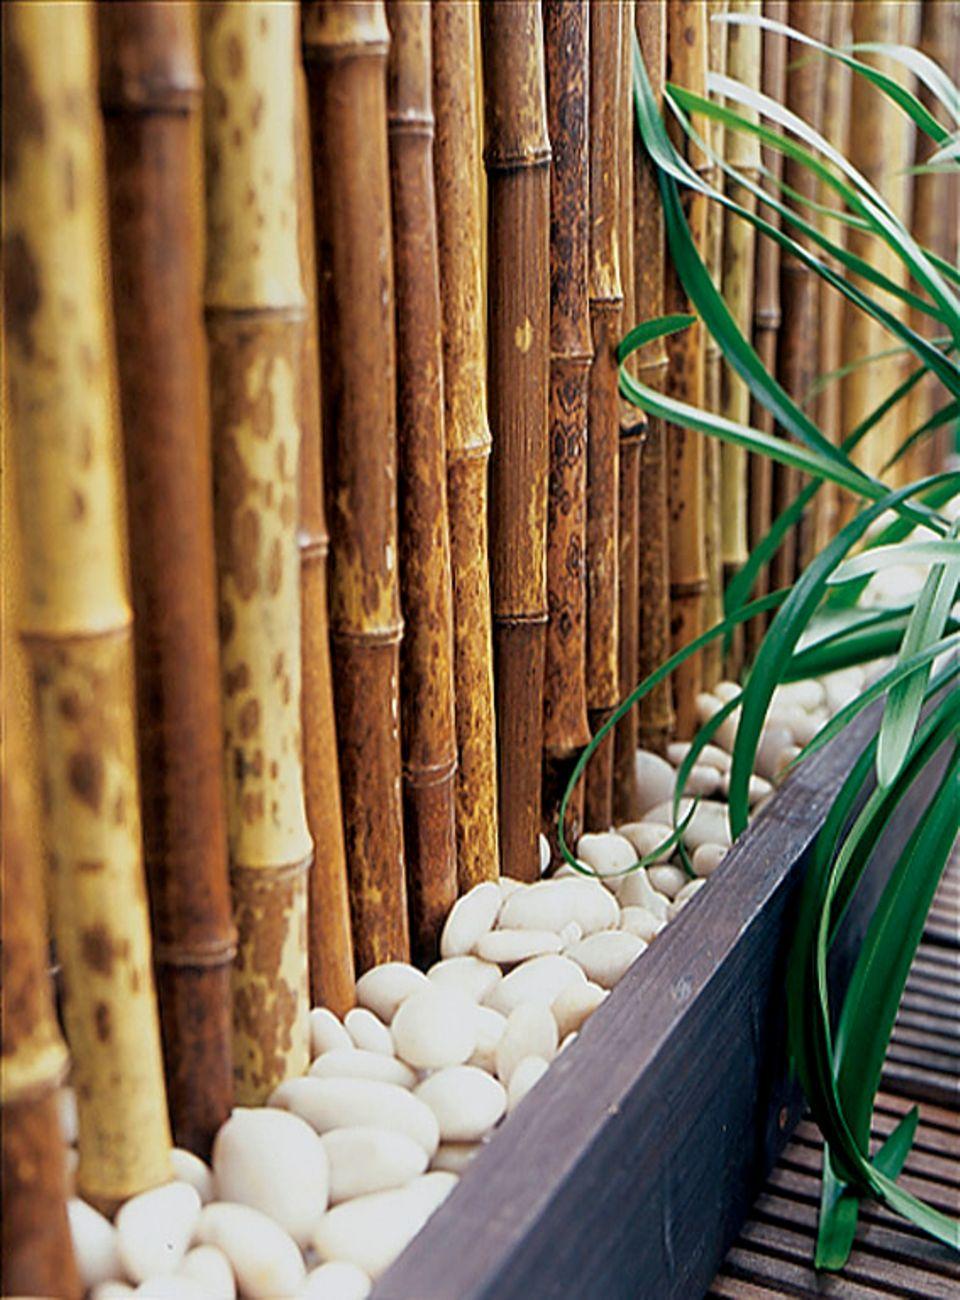 Selbstgemachter Balkonsichtschutz mit Blumenkästen, großen Kieseln und Bambusstangen.